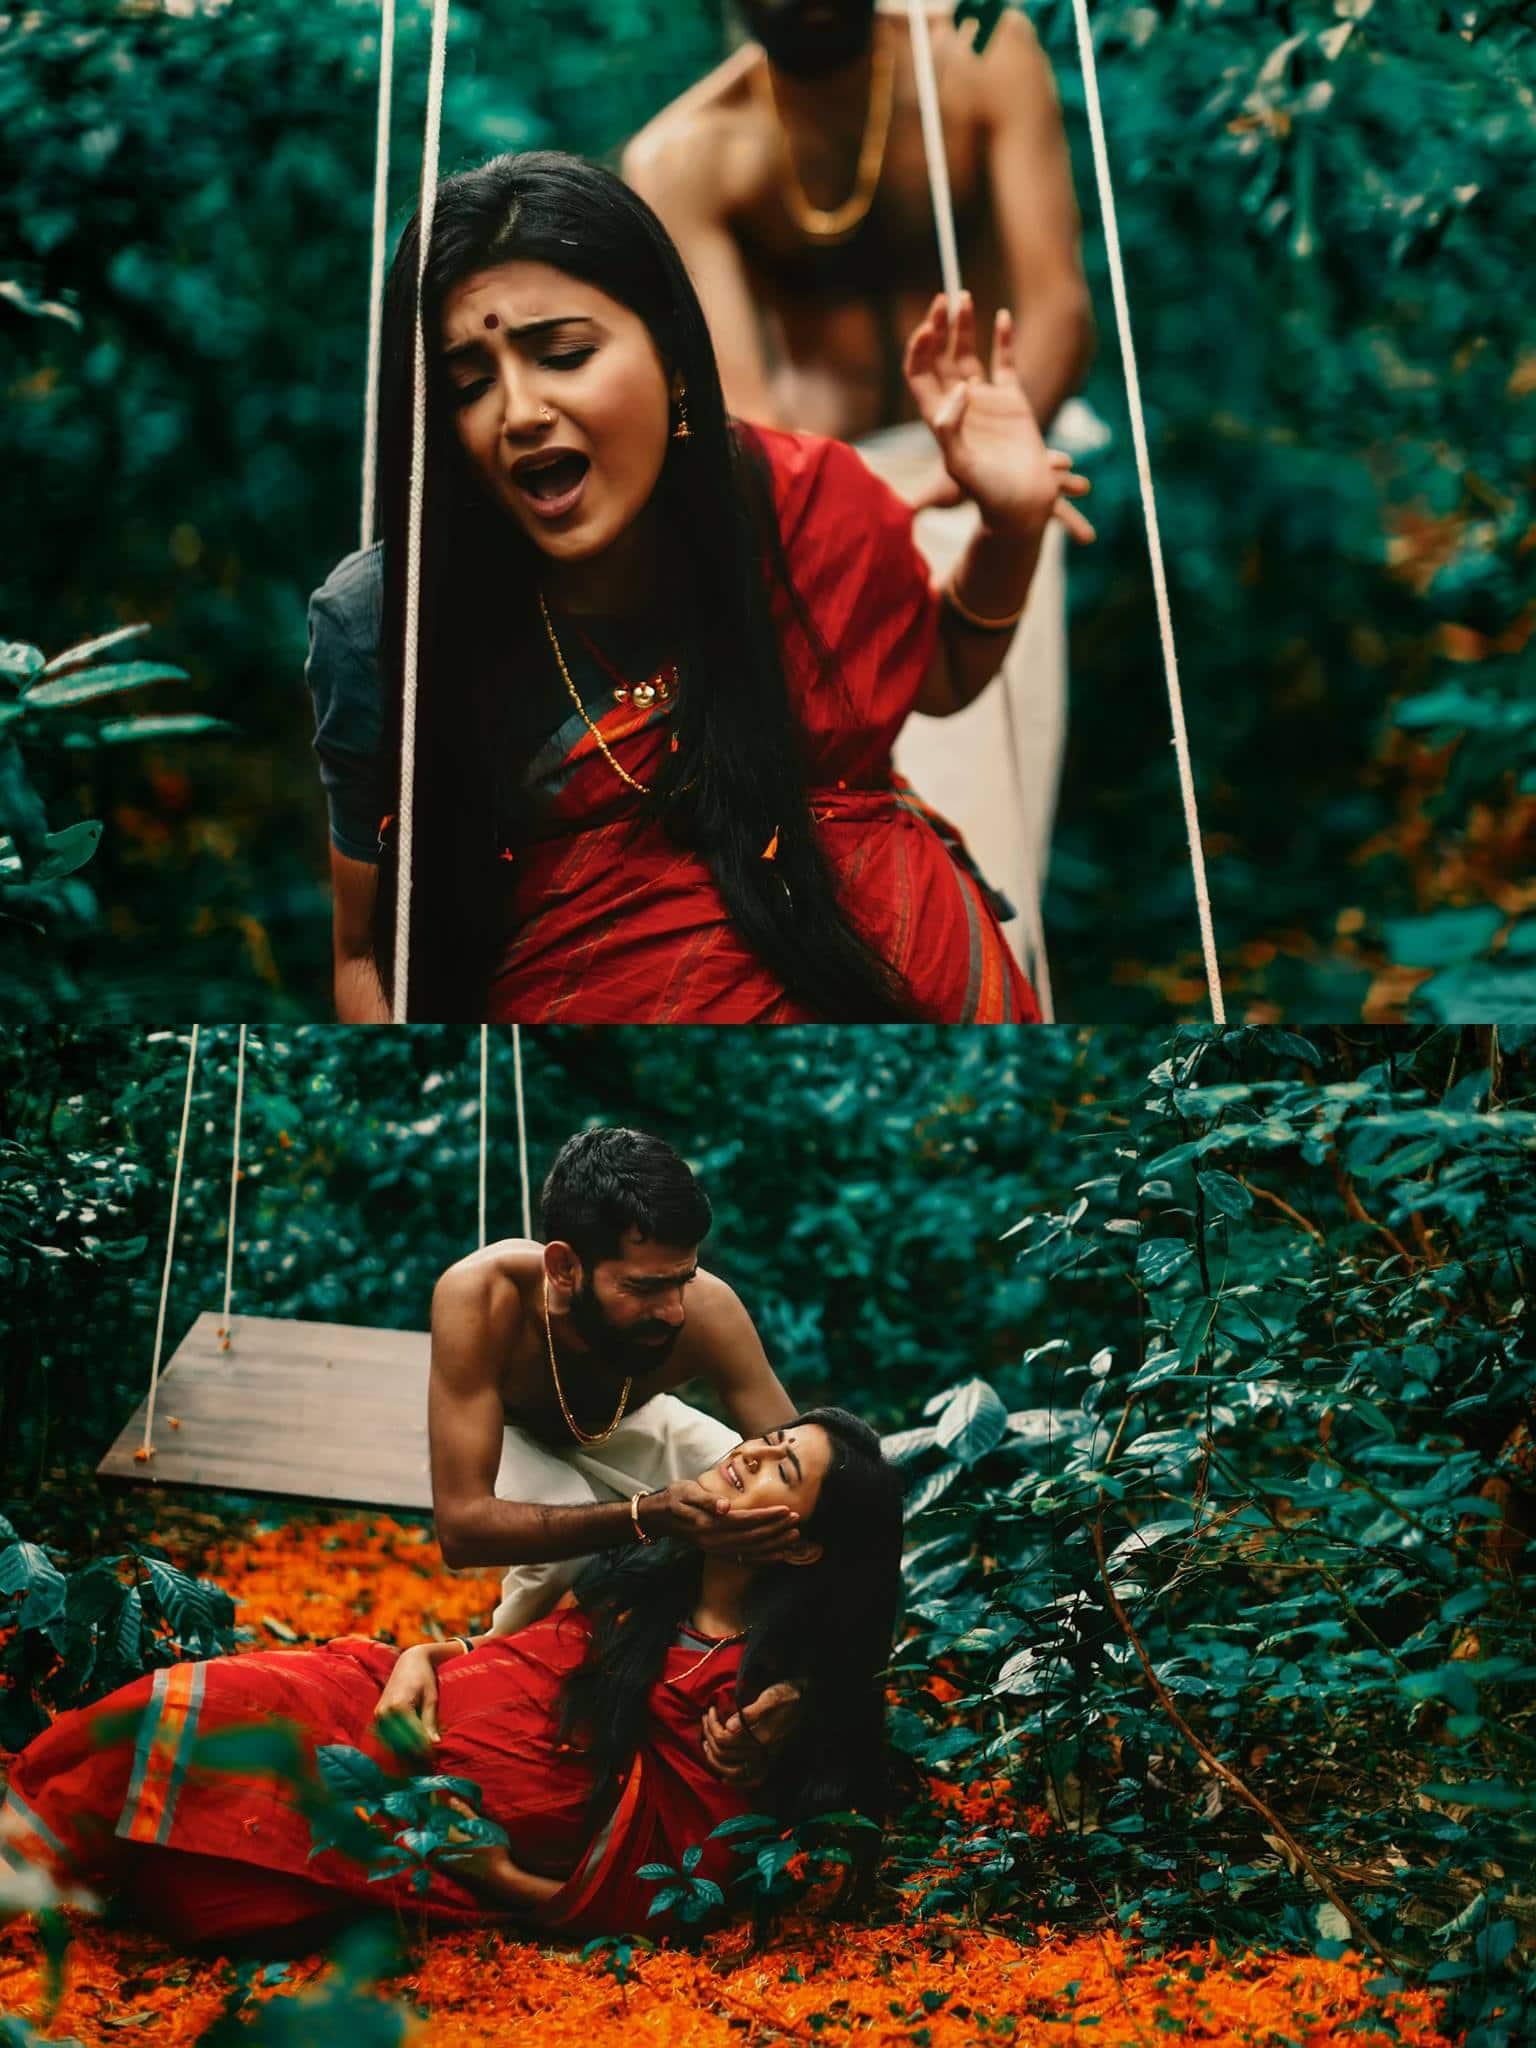 An-Award-winning-photo-story-Avani-By-Arjun-Kamath-32